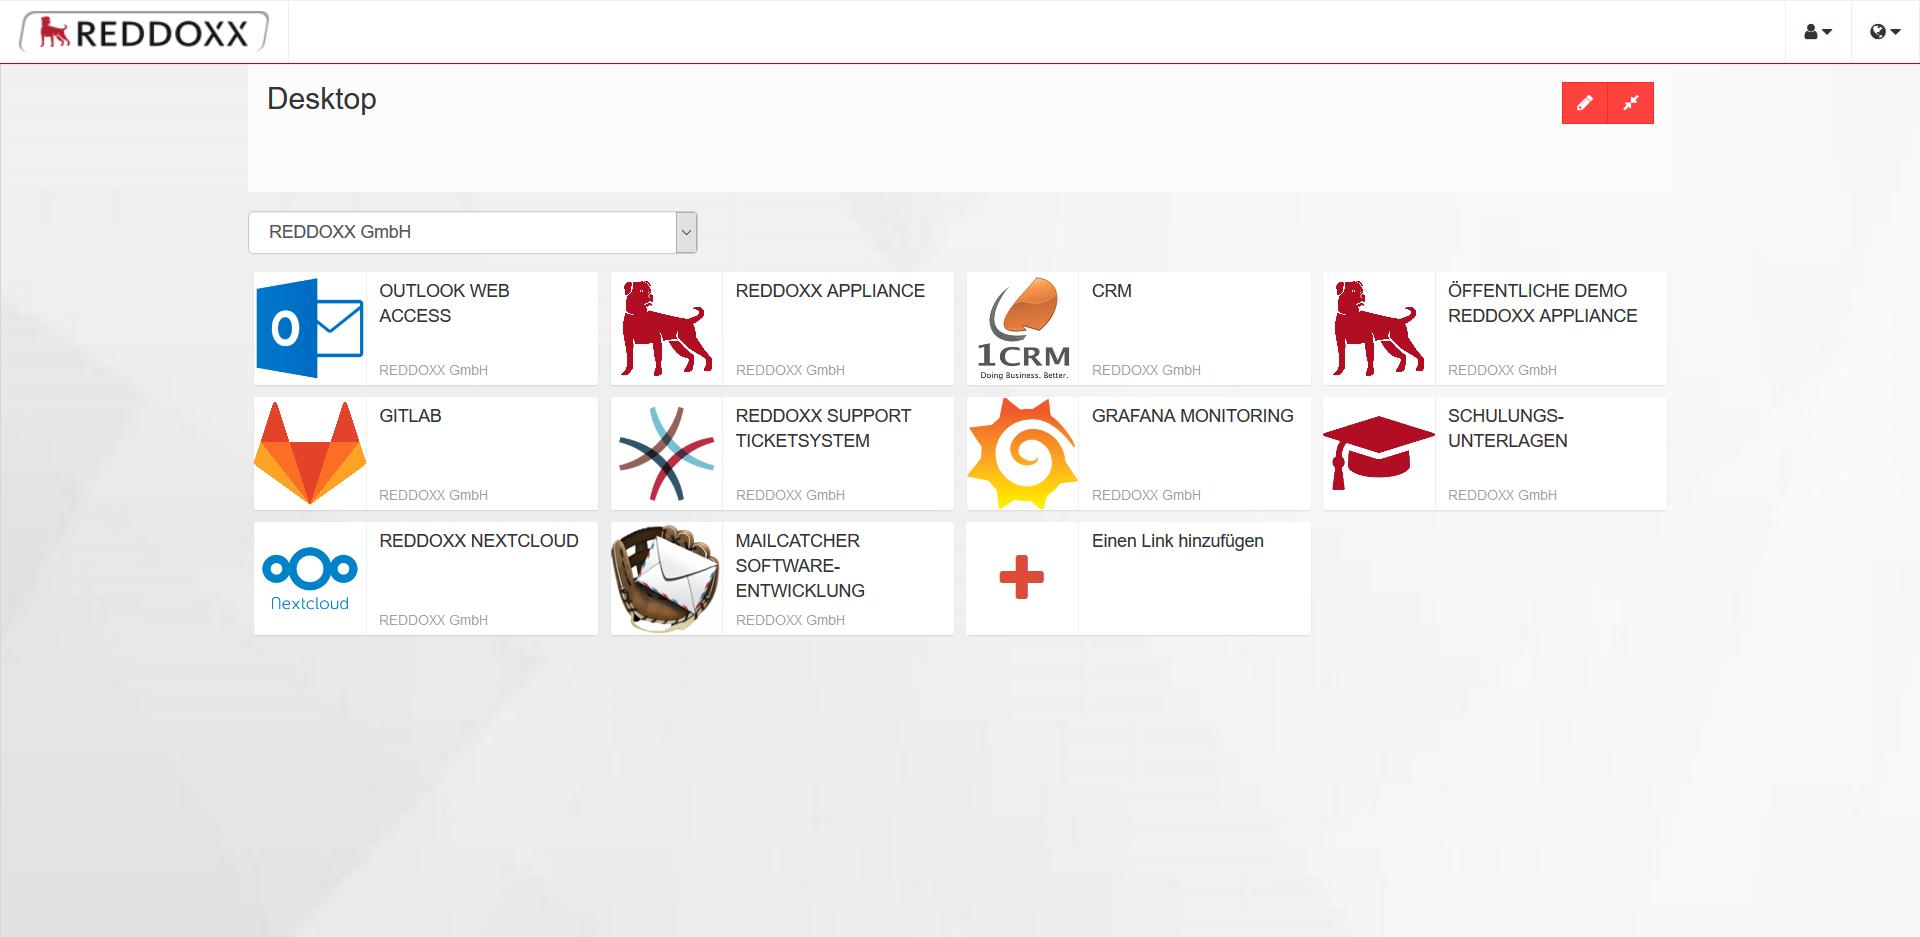 SimplexGate Desktop - Der Mitarbeiter hat alle Anwendungen auf einen Blick